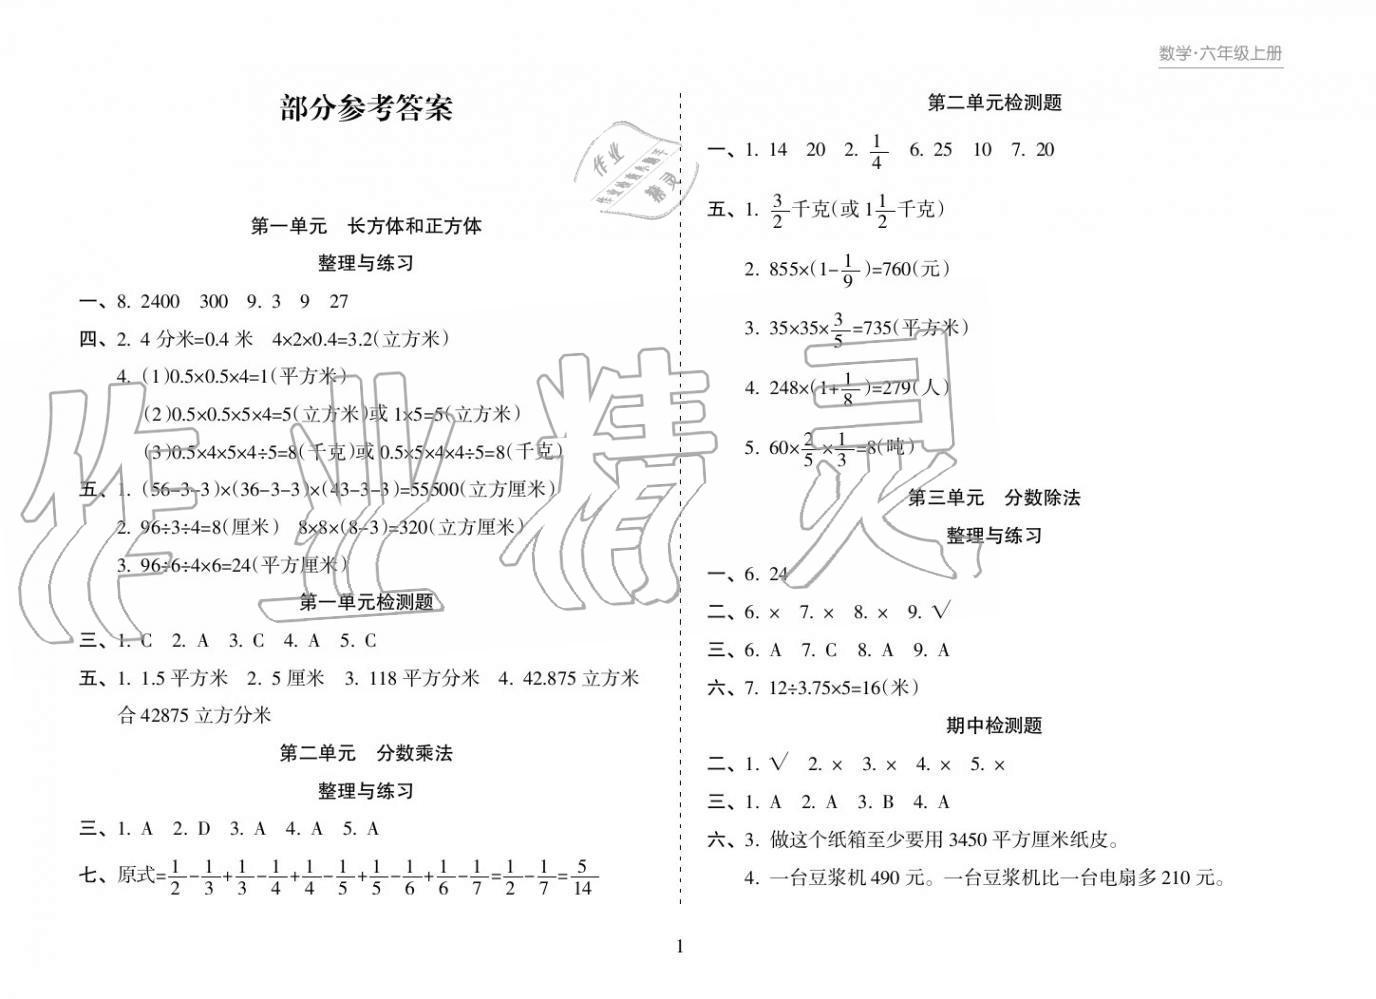 2018年新课程课堂同步练习册六年级数学上册苏教版参考答案第1页